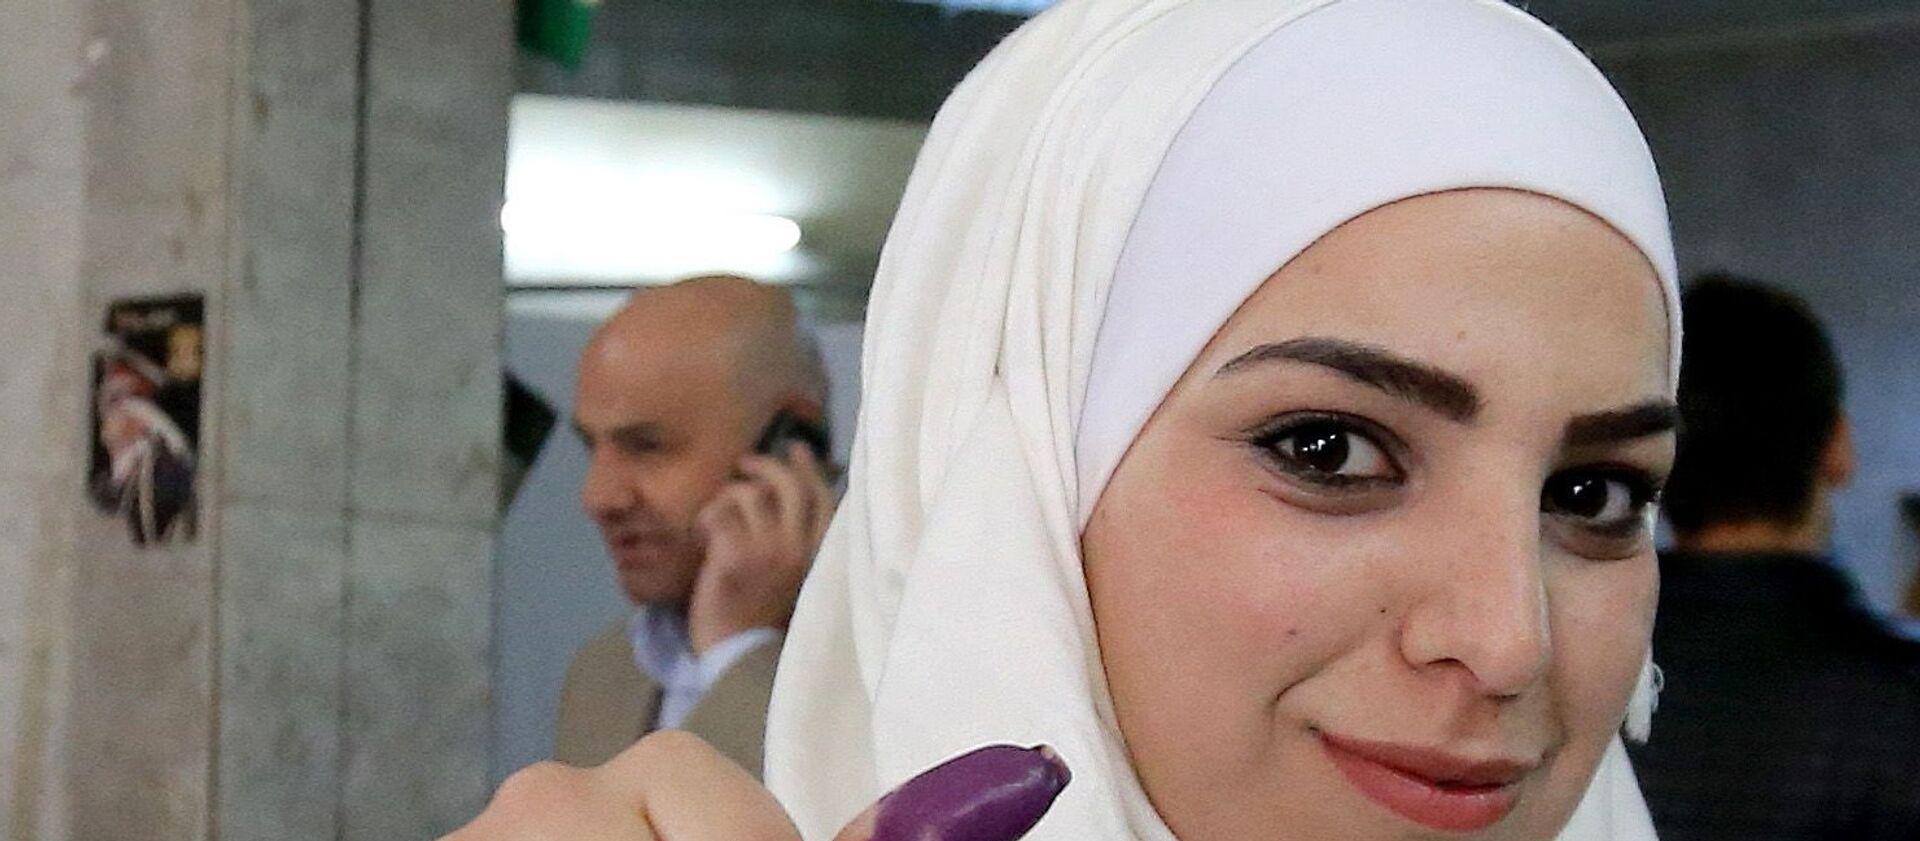 Državljanka Sirije glasa na parlamentarnim izborima - Sputnik Srbija, 1920, 18.04.2021